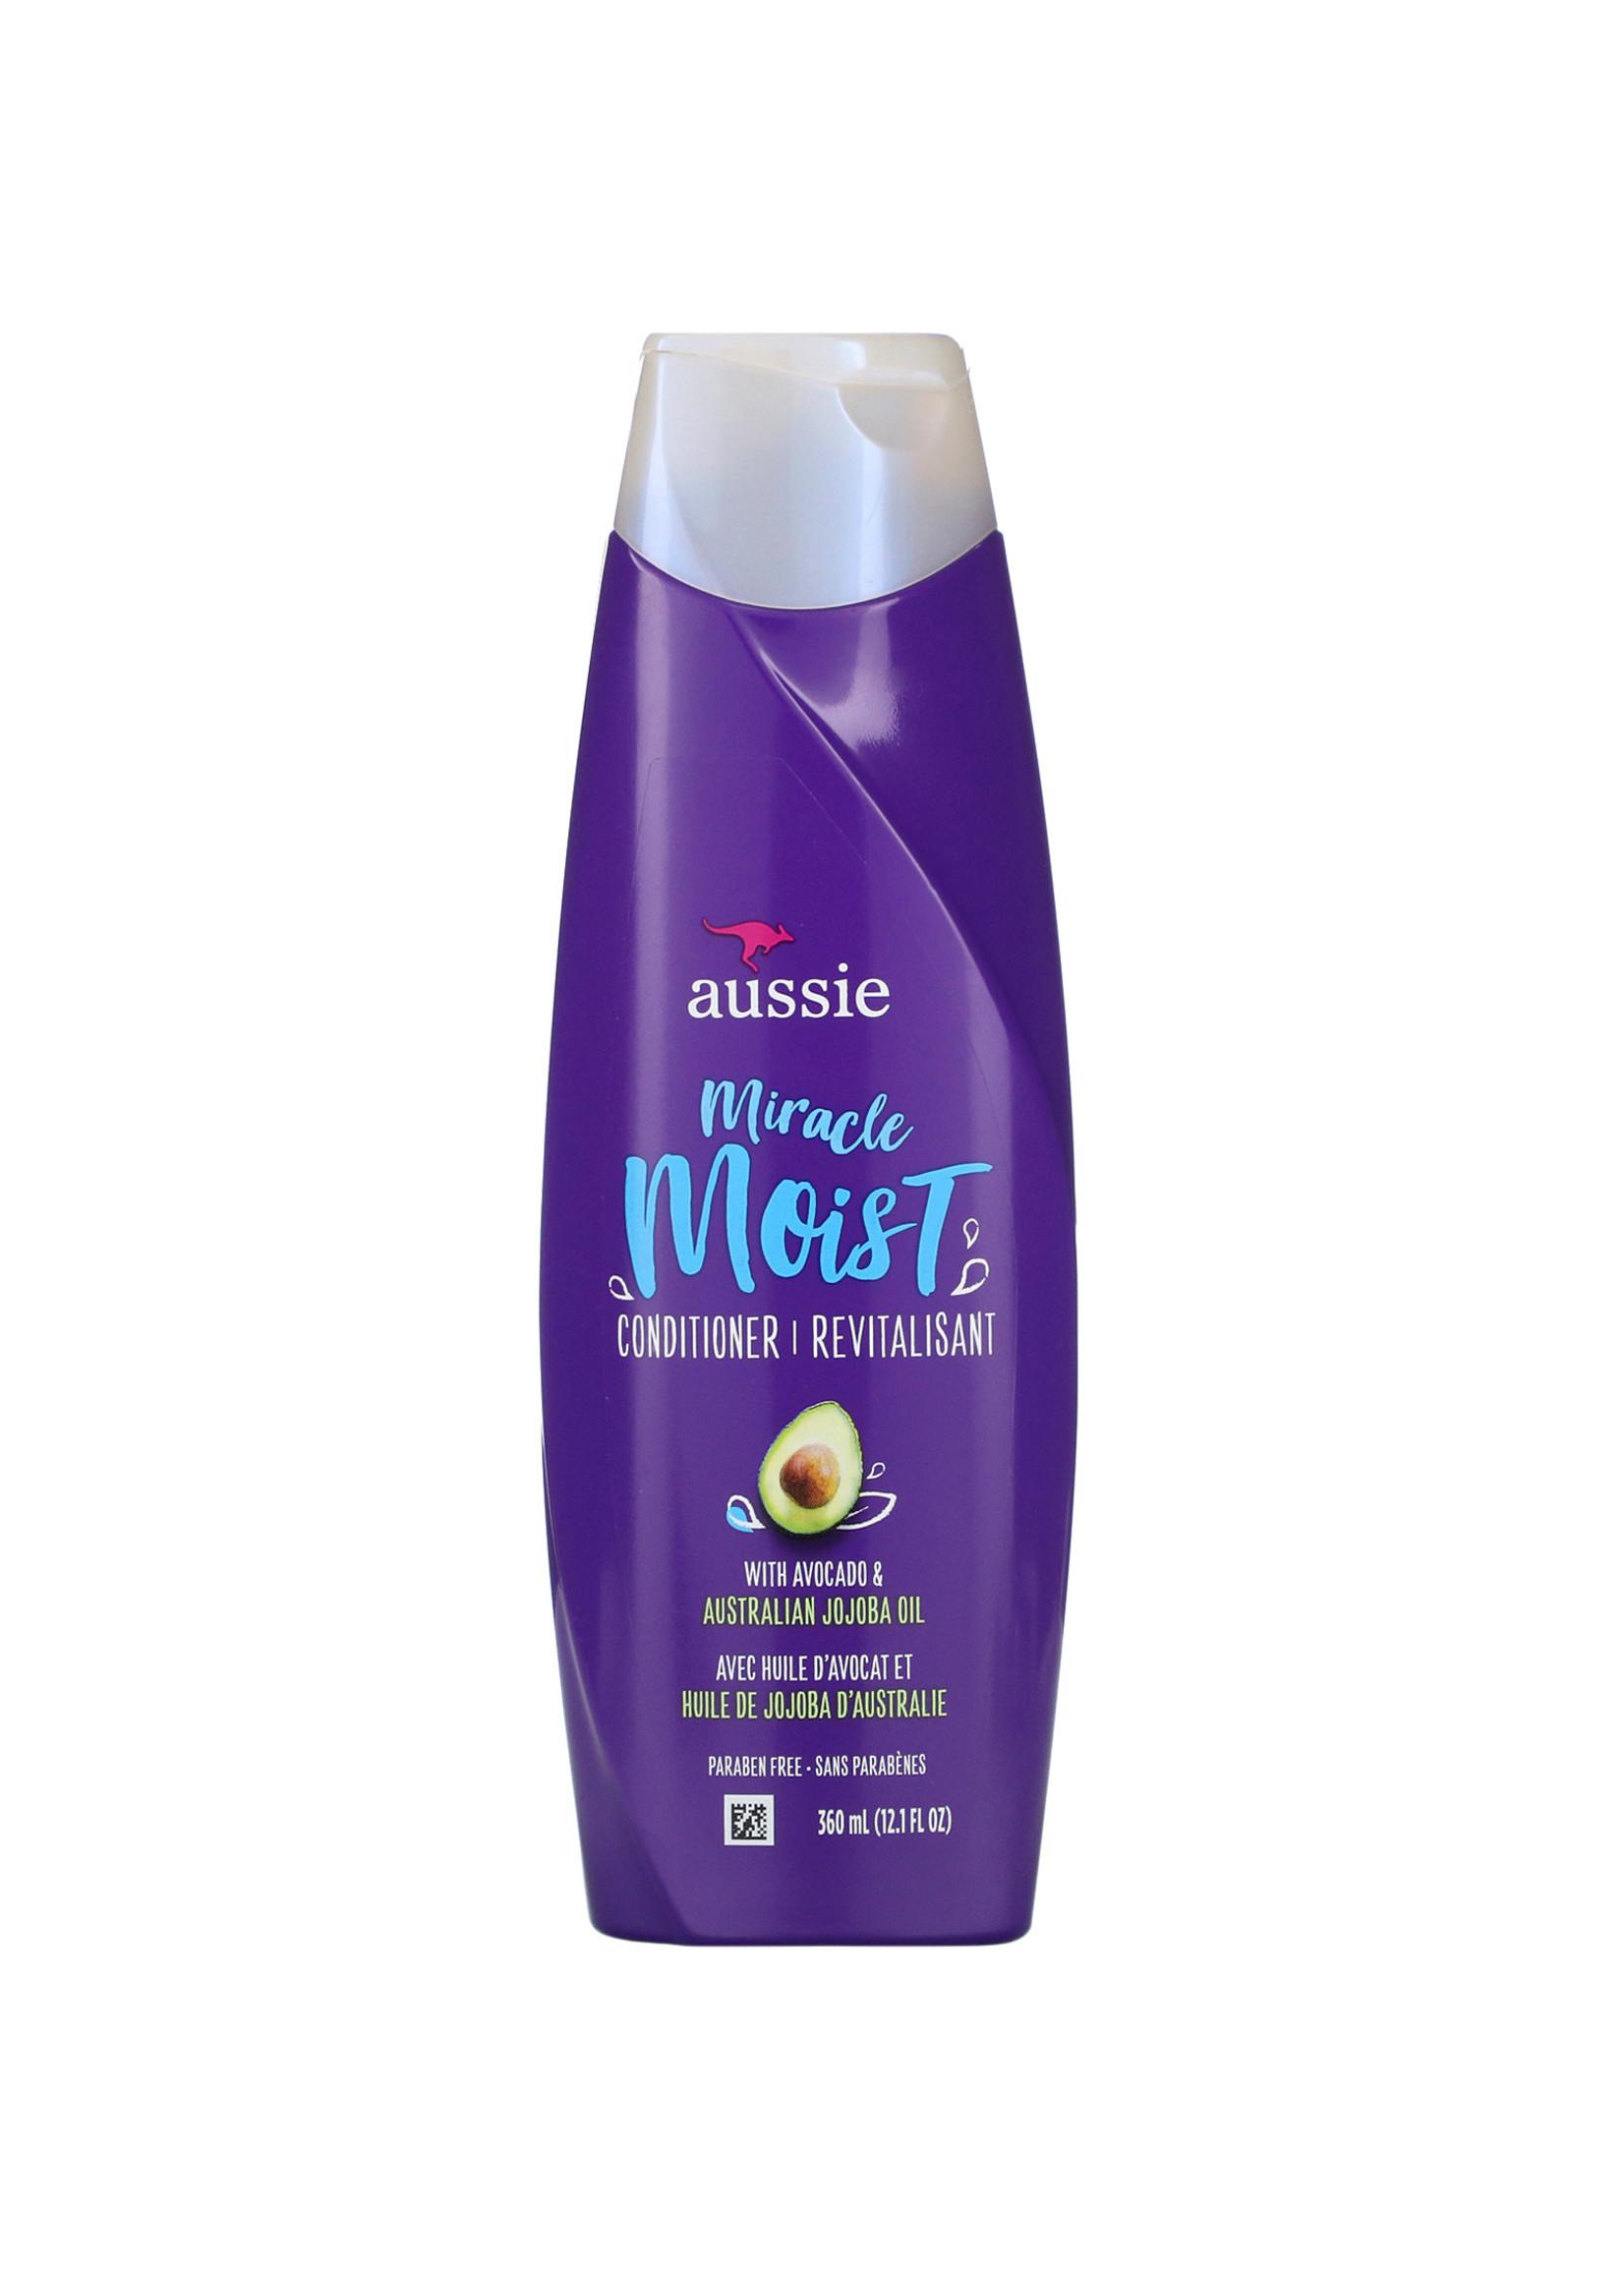 Aussie Conditioner Miracle Curls 12.1oz